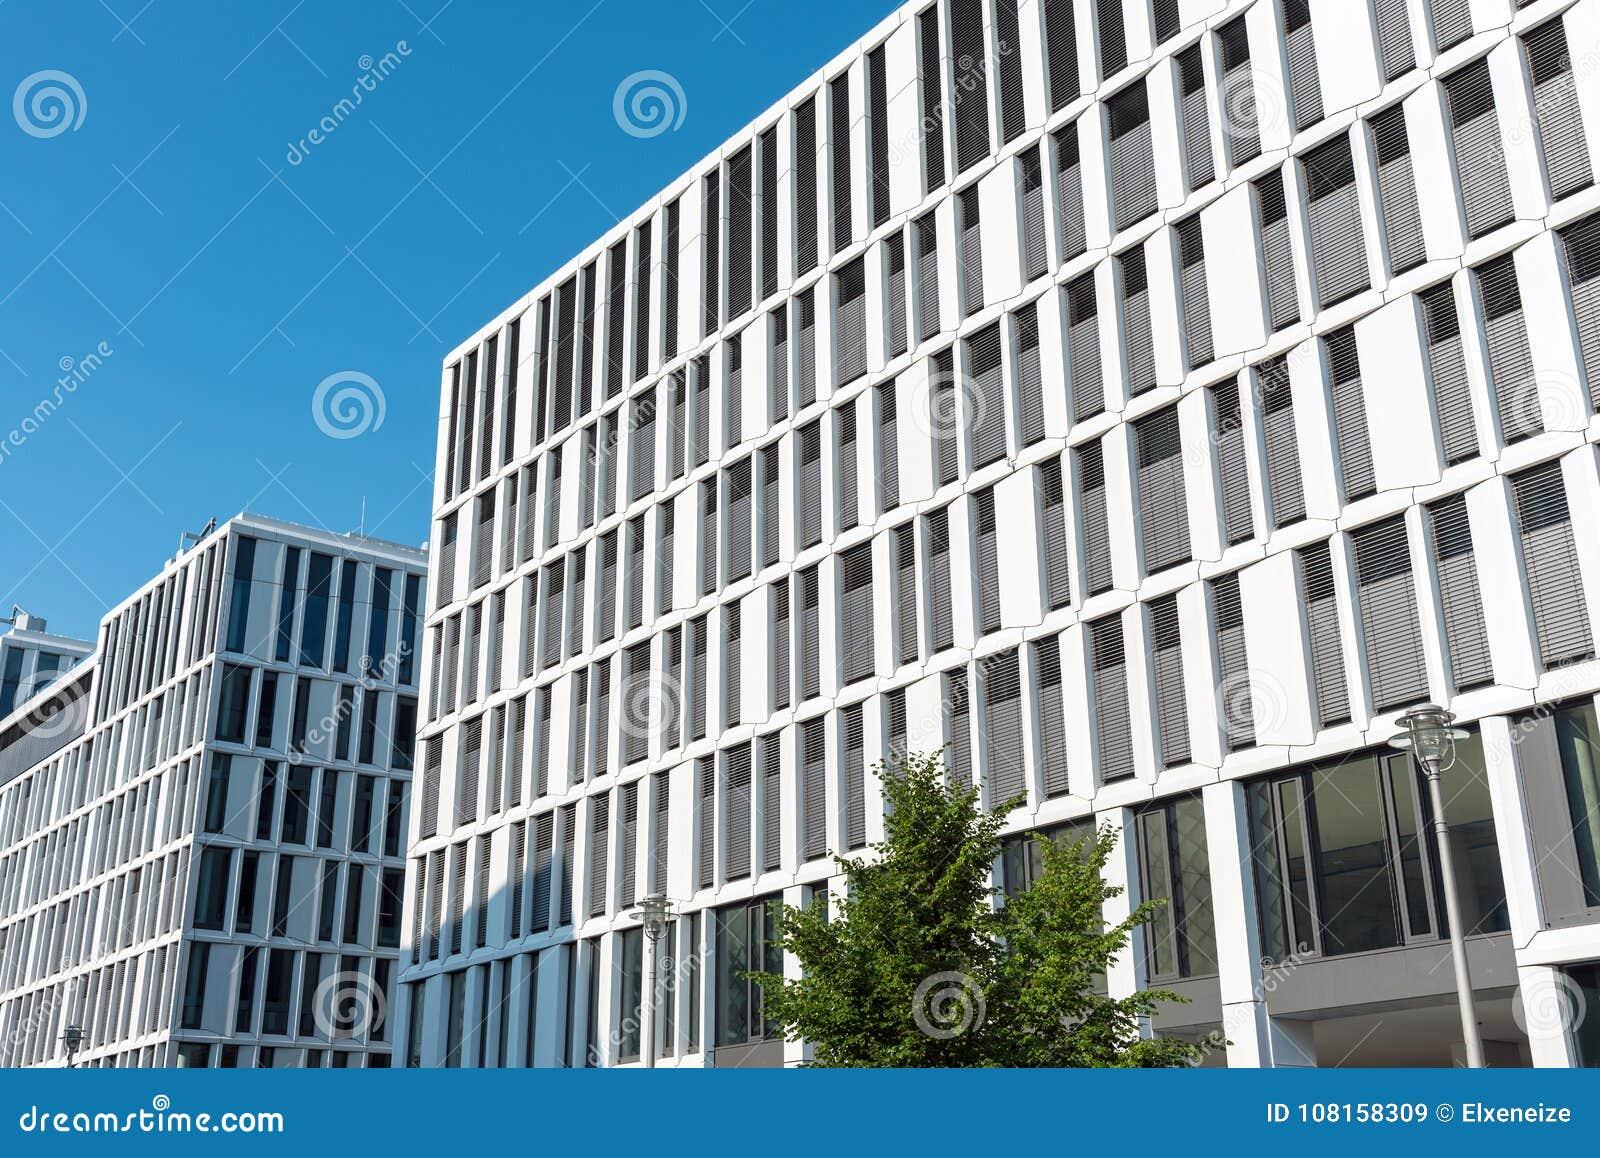 Immeubles de bureaux modernes à berlin image stock image du abat